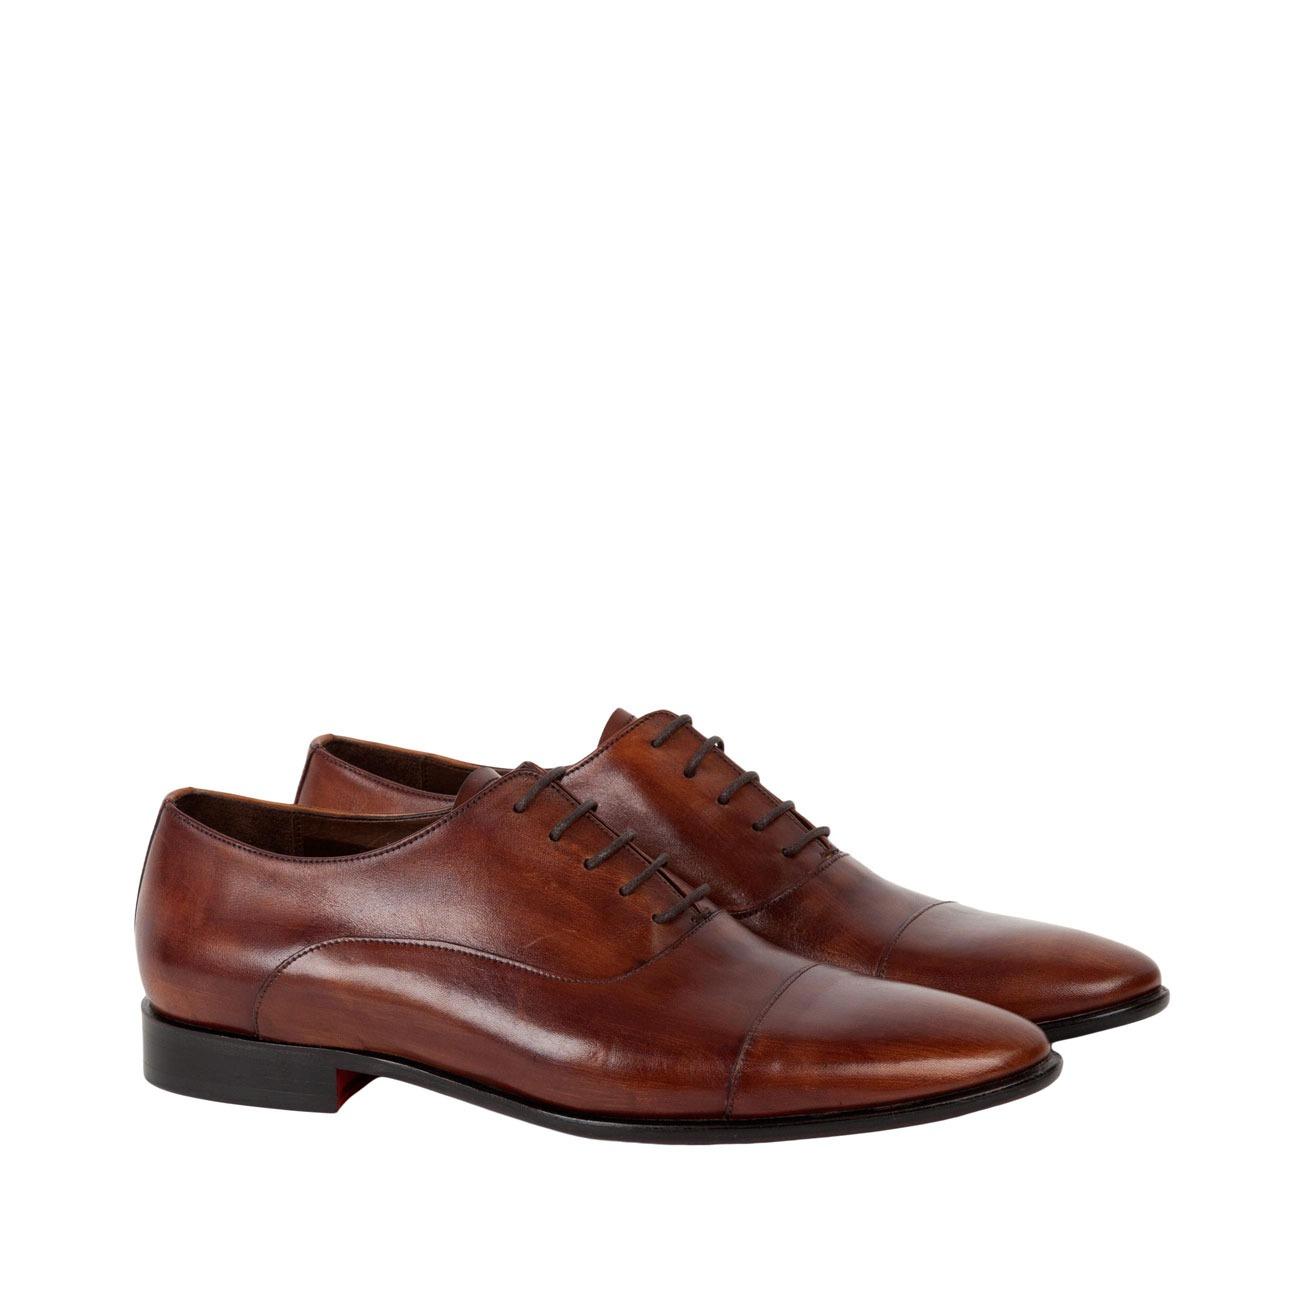 Chaussures Marron Clair Pour Les Hommes S8E9HsVu